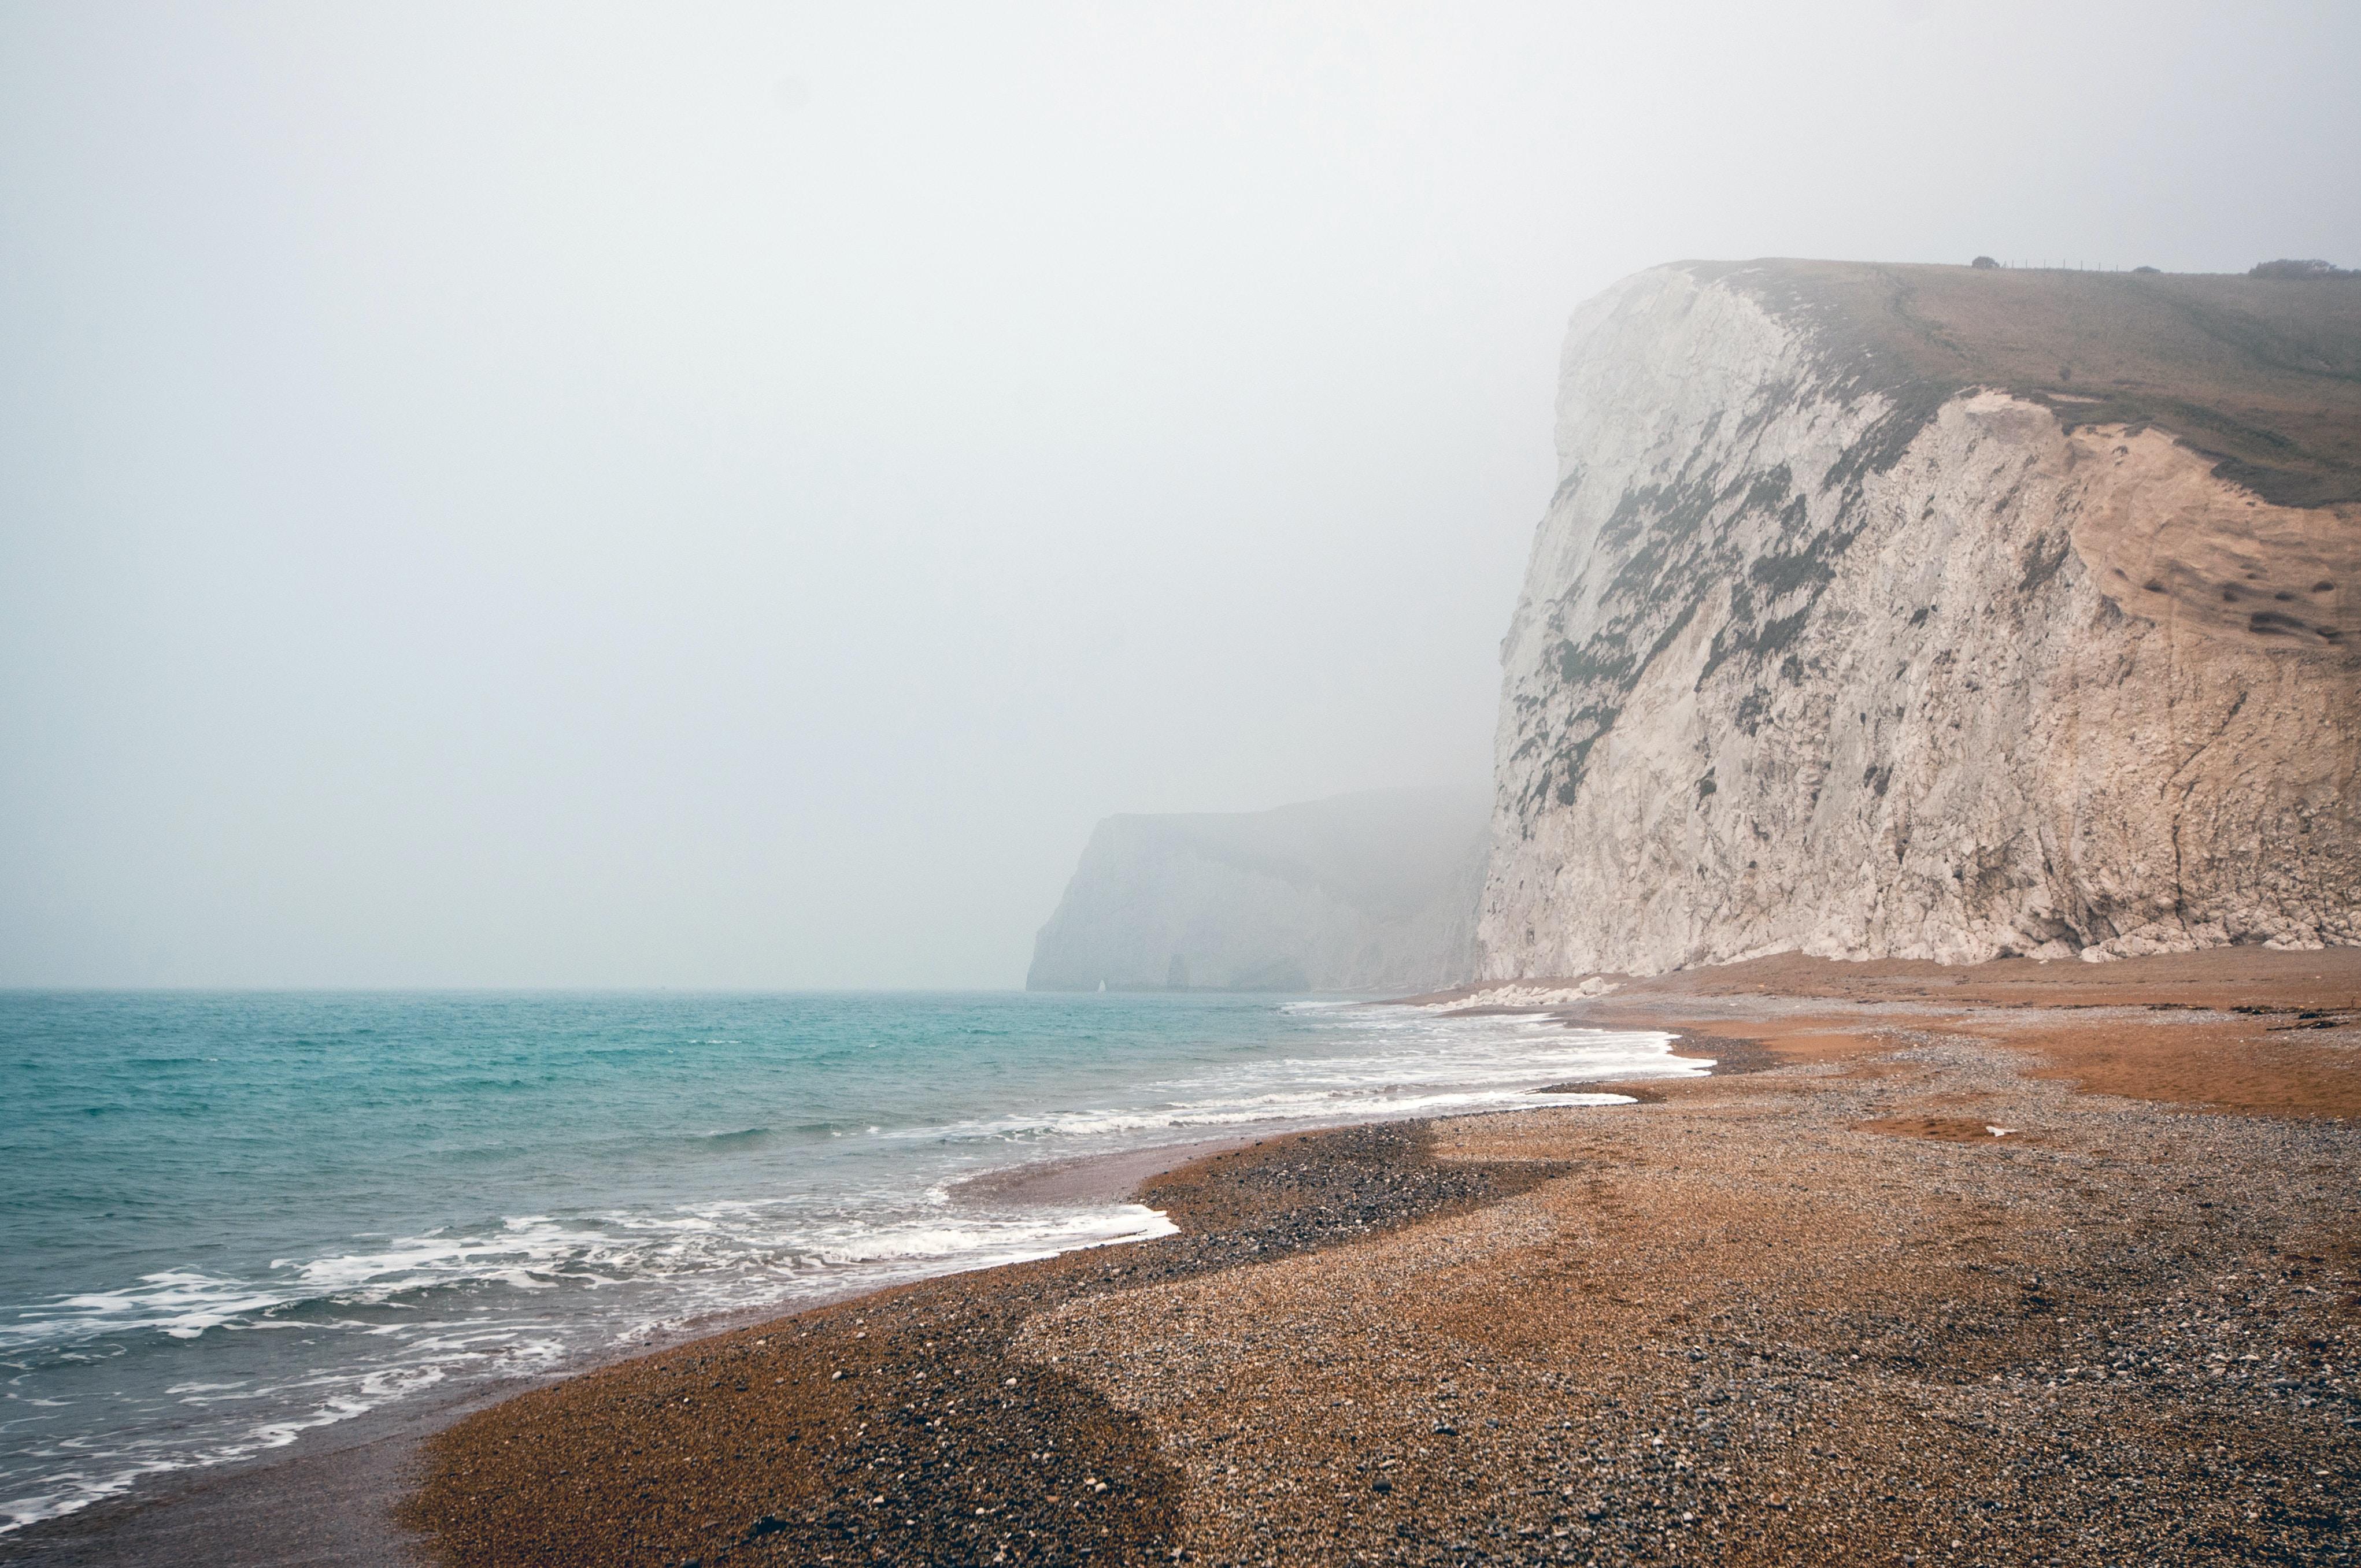 Bluffs line the seashore of a foggy ocean beach